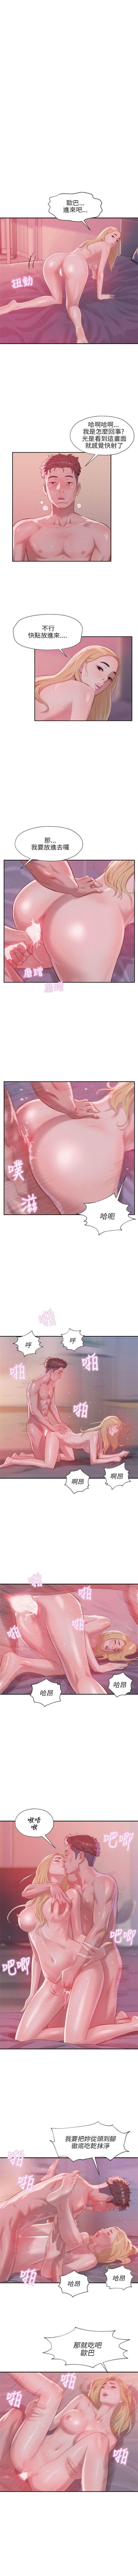 新生淫乱日记 1-61完结(中文) 86